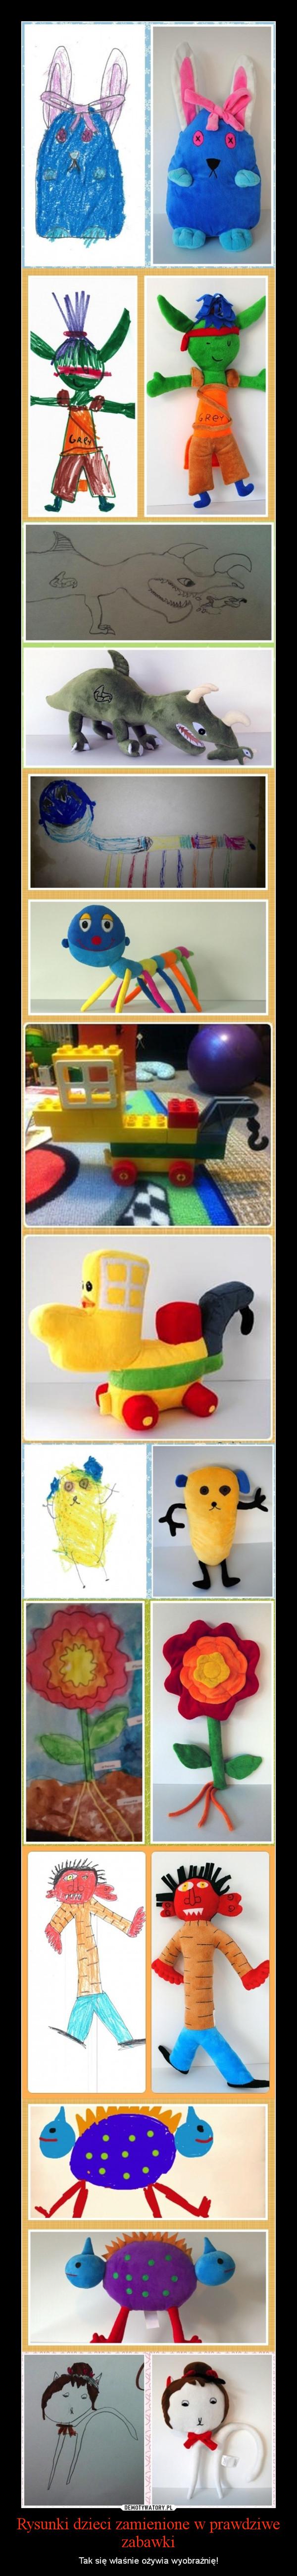 Rysunki dzieci zamienione w prawdziwe zabawki – Tak się właśnie ożywia wyobraźnię!